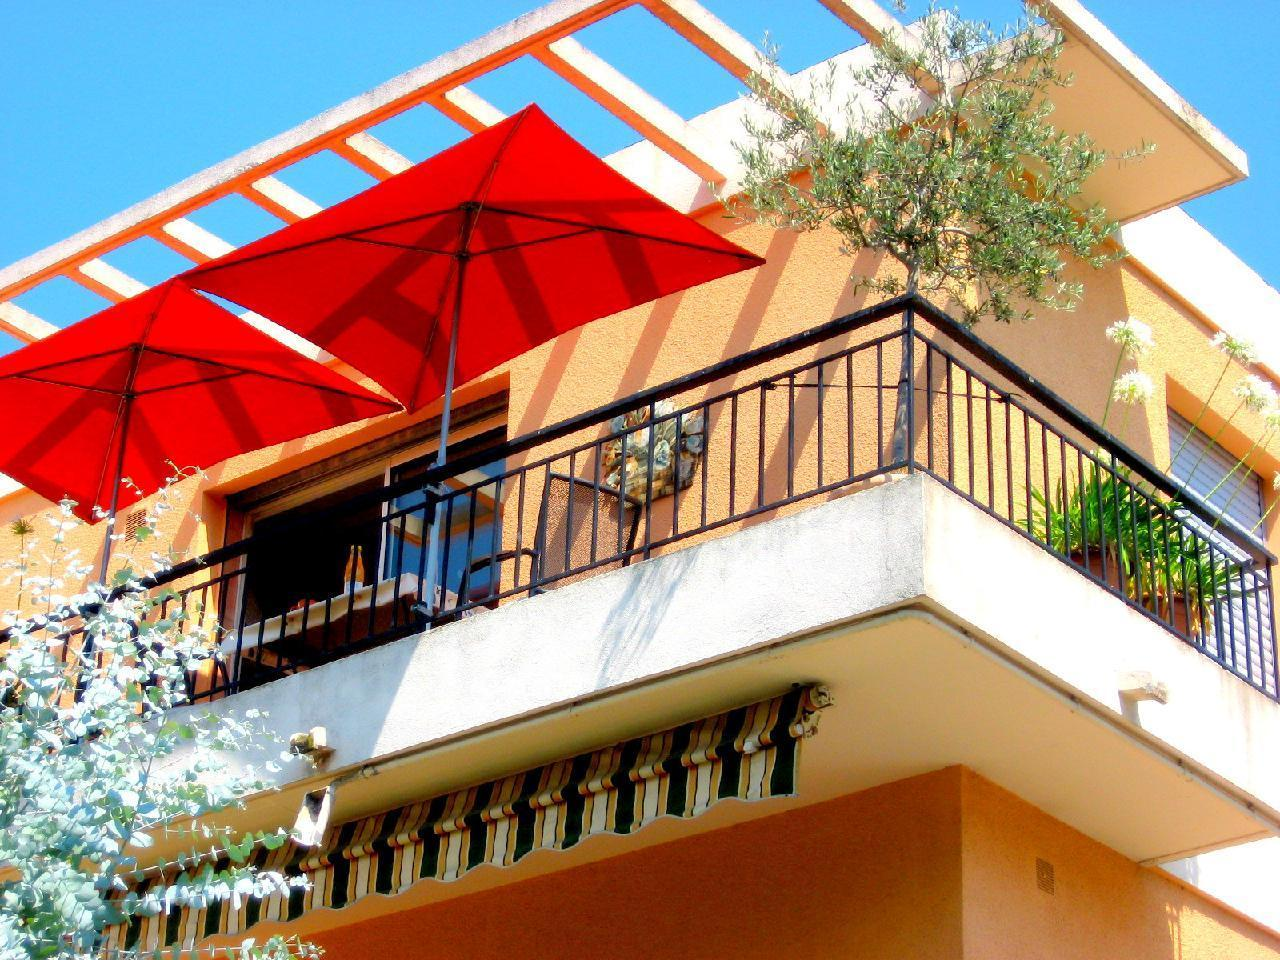 Ferienwohnung Appartement 'Près de Cannes' (226572), Mandelieu la Napoule, Côte d'Azur, Provence - Alpen - Côte d'Azur, Frankreich, Bild 1